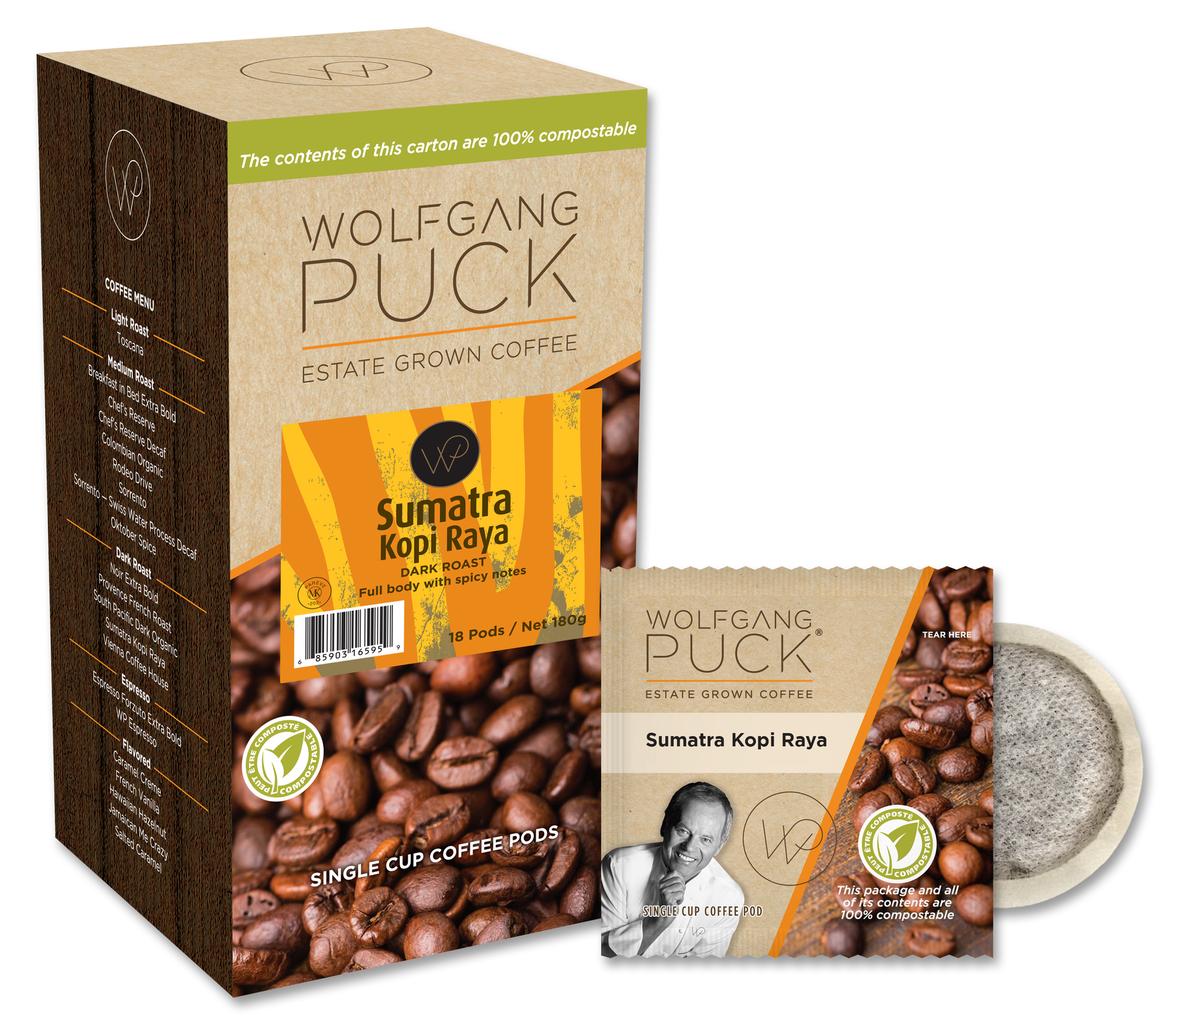 Wolfgang Puck Sumatra Kopi Raya Pods